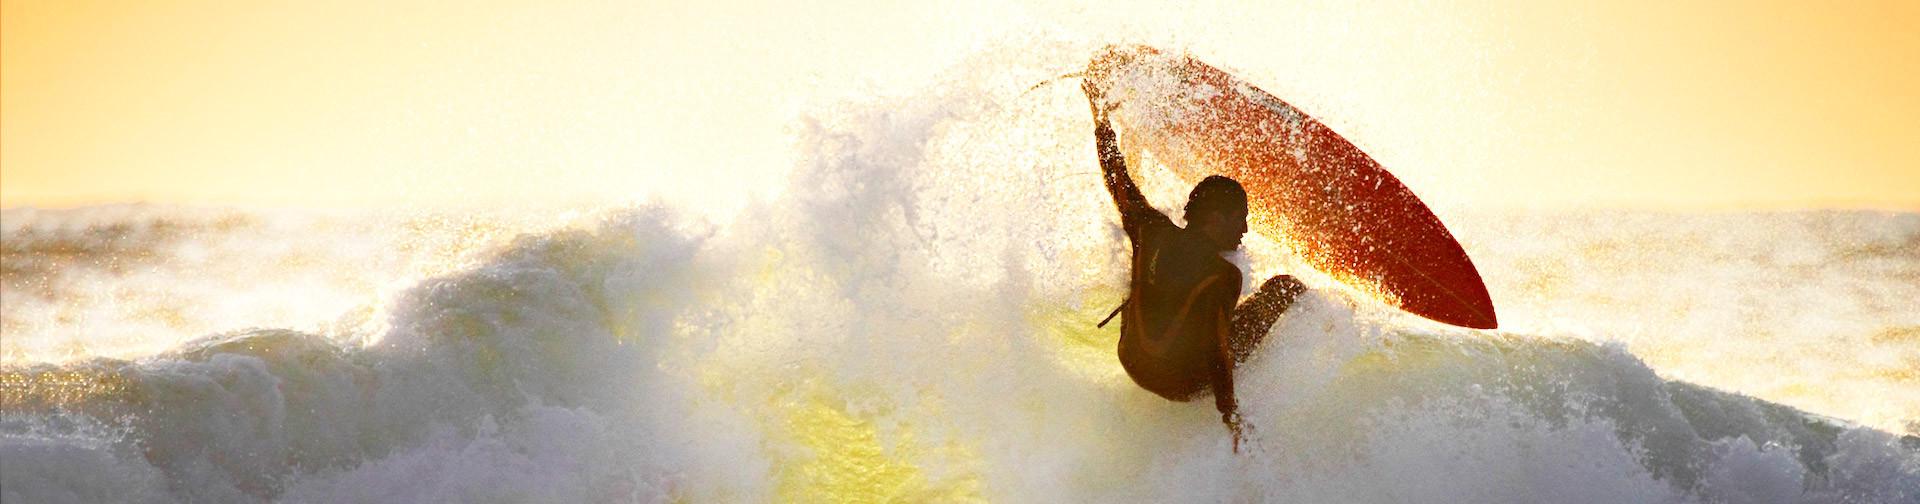 surf_ete2